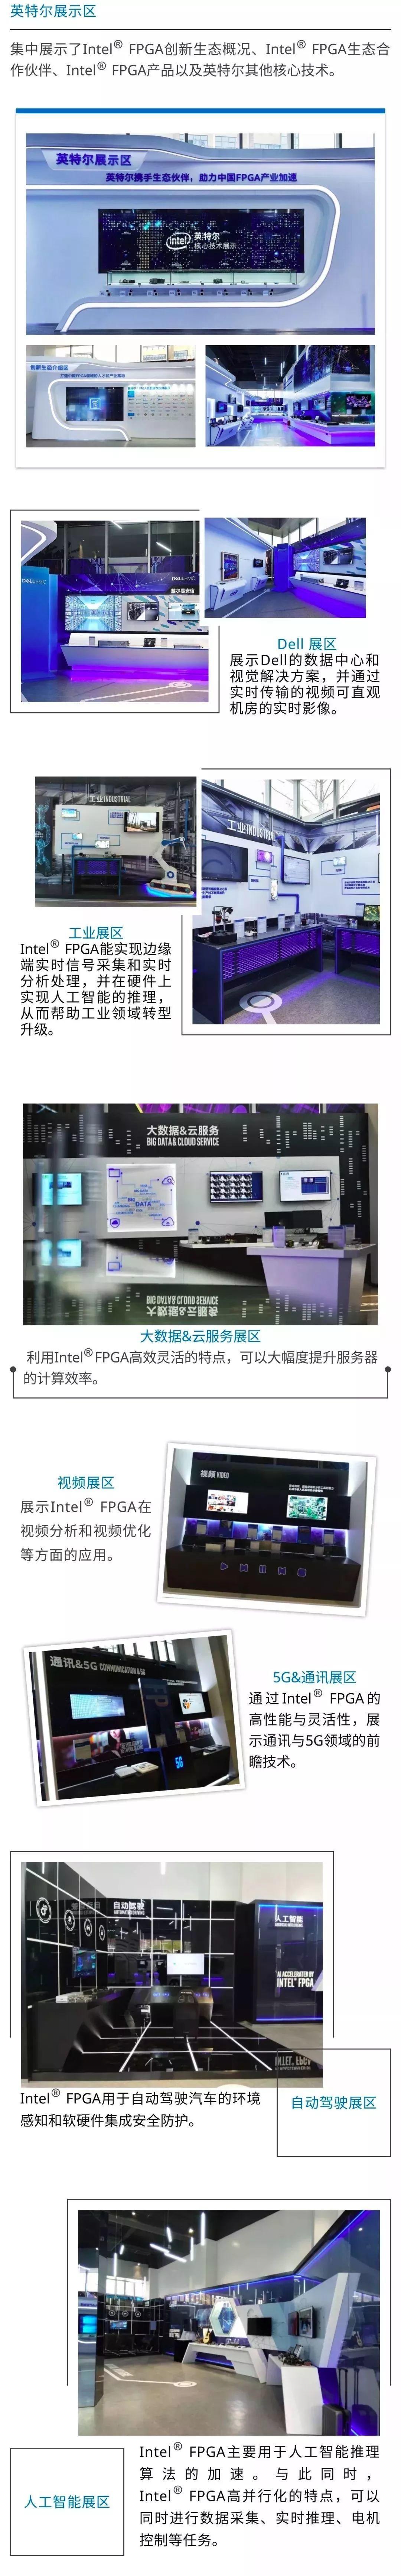 科技+创新|探秘英特尔FPGA创新展厅